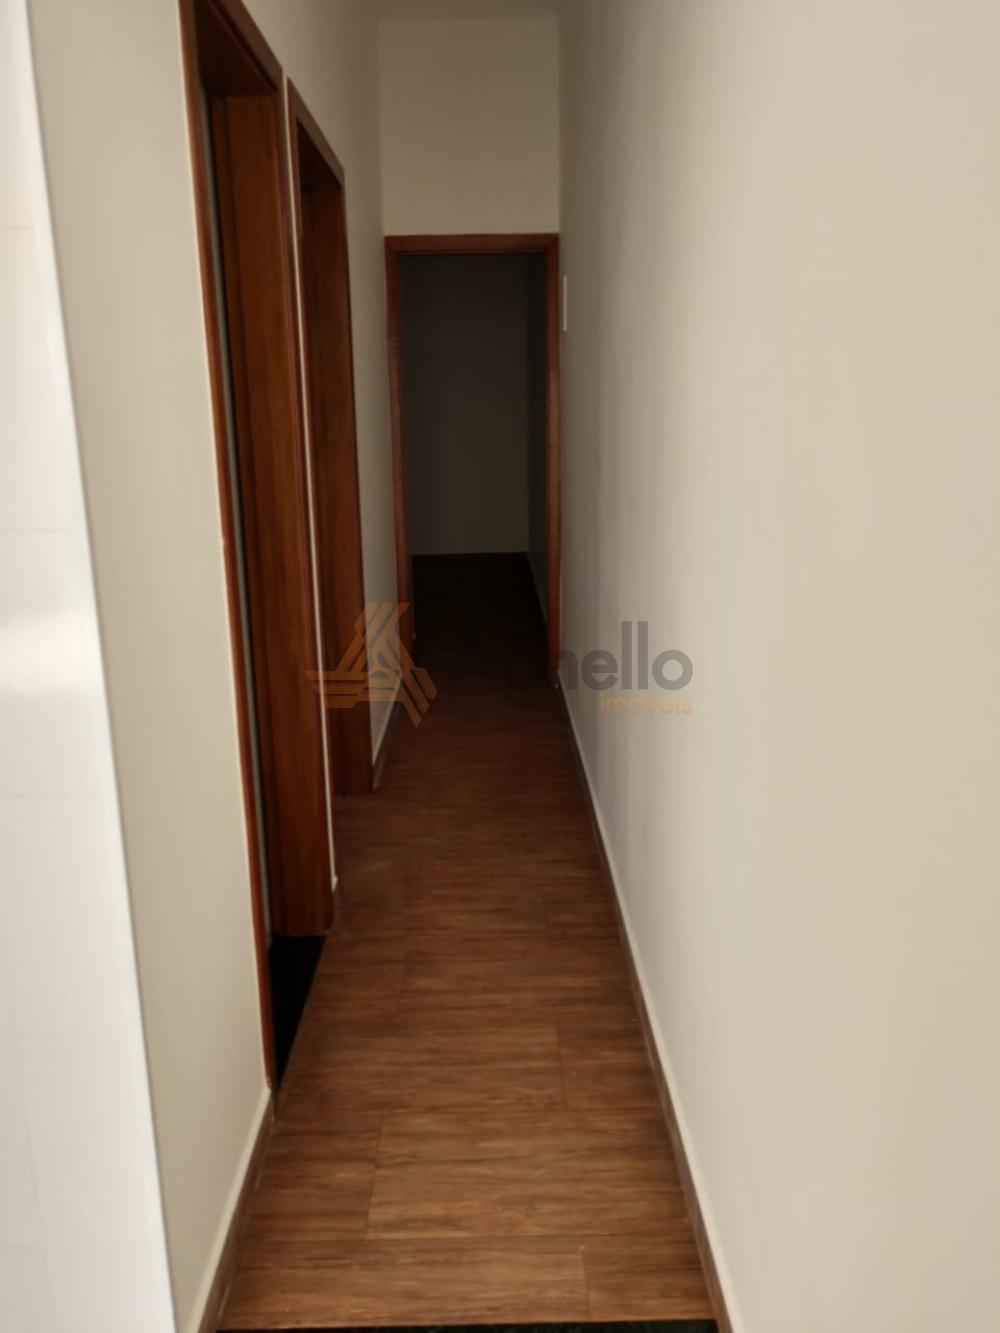 Comprar Casa / Padrão em Franca apenas R$ 185.000,00 - Foto 8